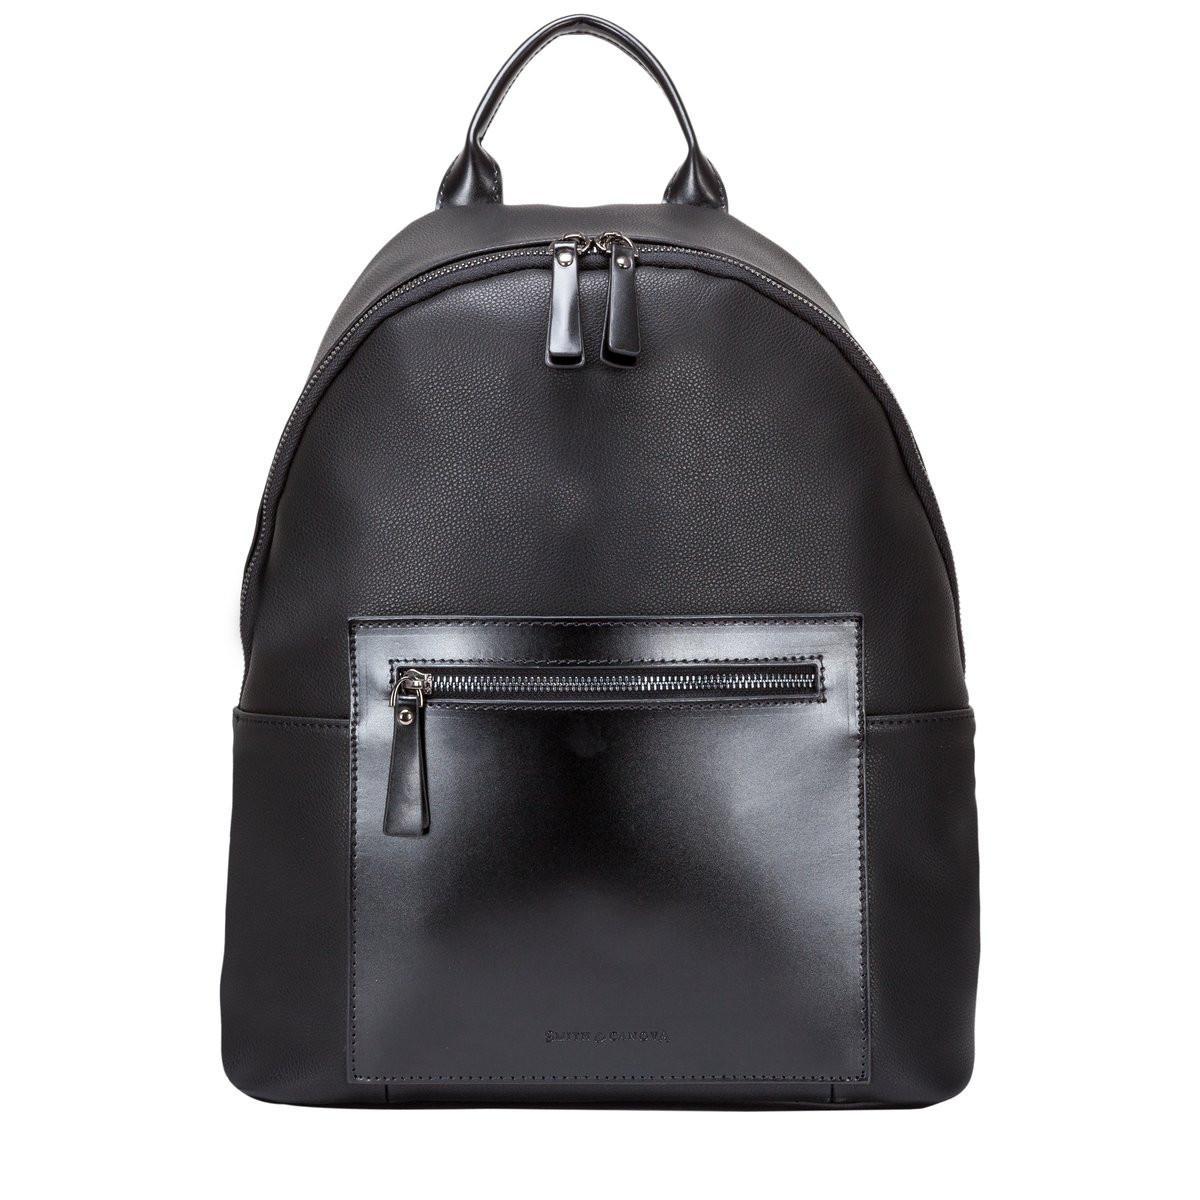 388ad609bed0 Smith   Canova Leather Backpack - Smith   Canova